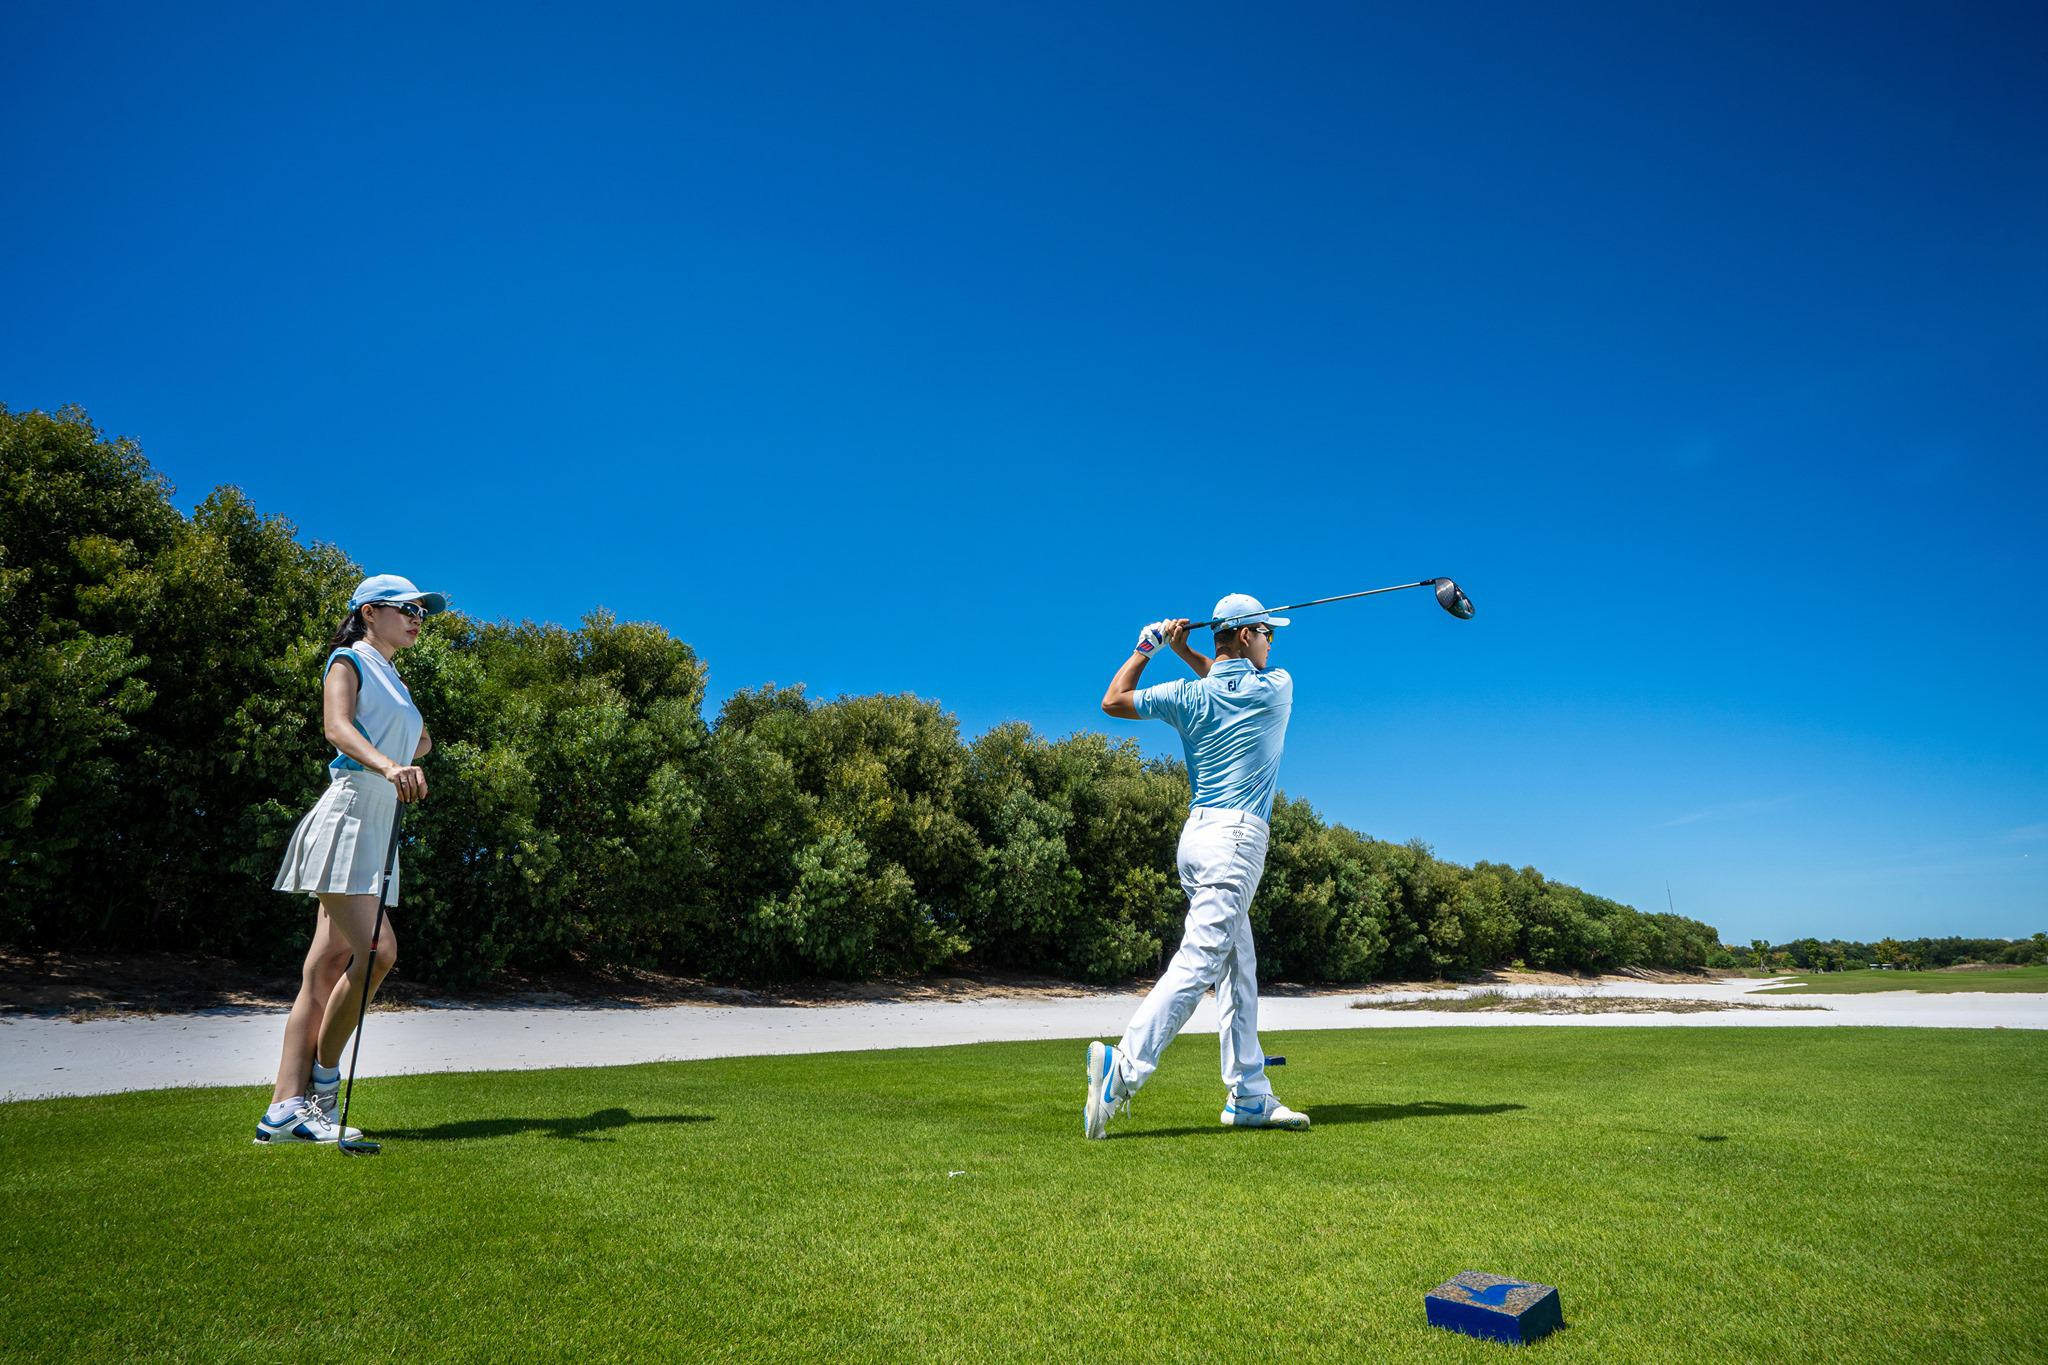 Chơi Golf thỏa thích tại Vinpearl Nam Hội An Chủ Nhật giá rẻ